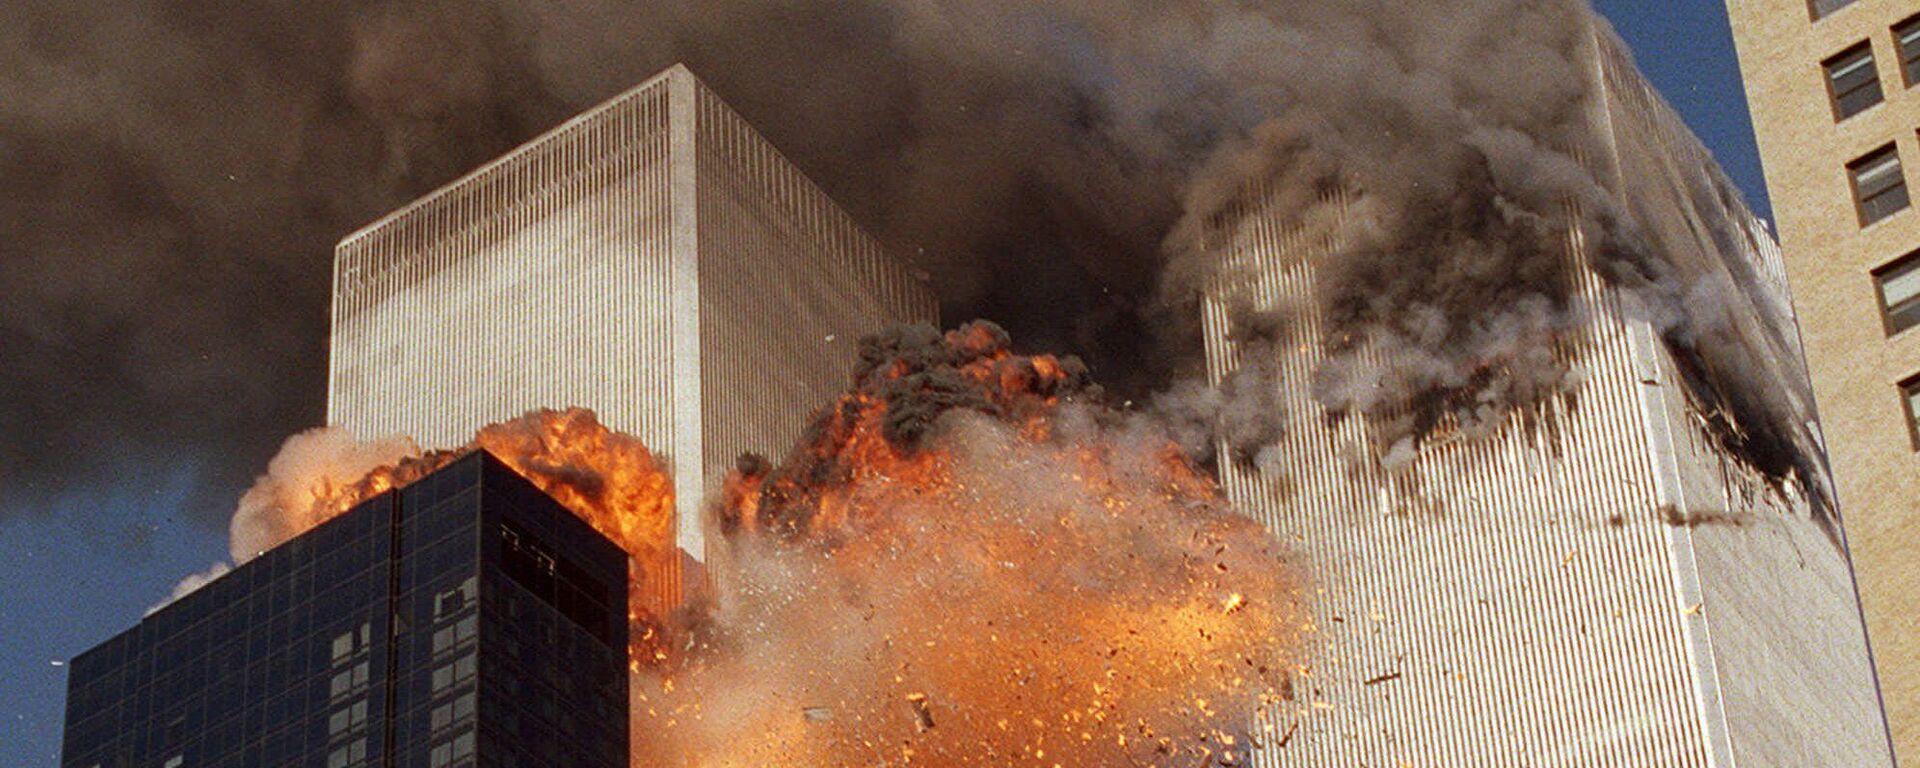 Atak na WTC w Nowym Jorku, 11 września 2001 - Sputnik Polska, 1920, 13.05.2020